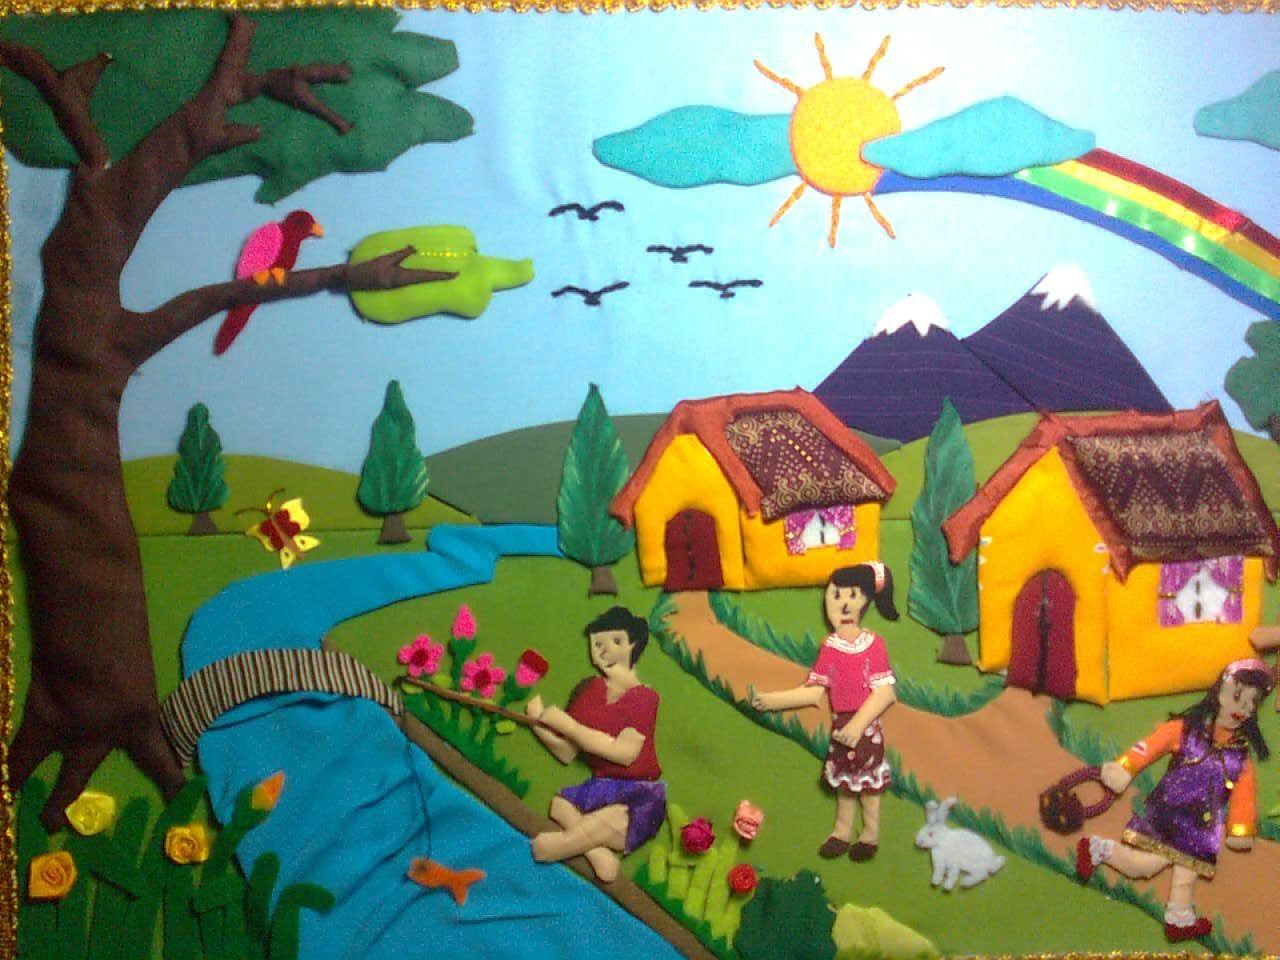 Karya Ku Dari Kain Perca Yang Menceritakan Keluarga Dilingkungan | Kolase,  Gambar, Pemandangan